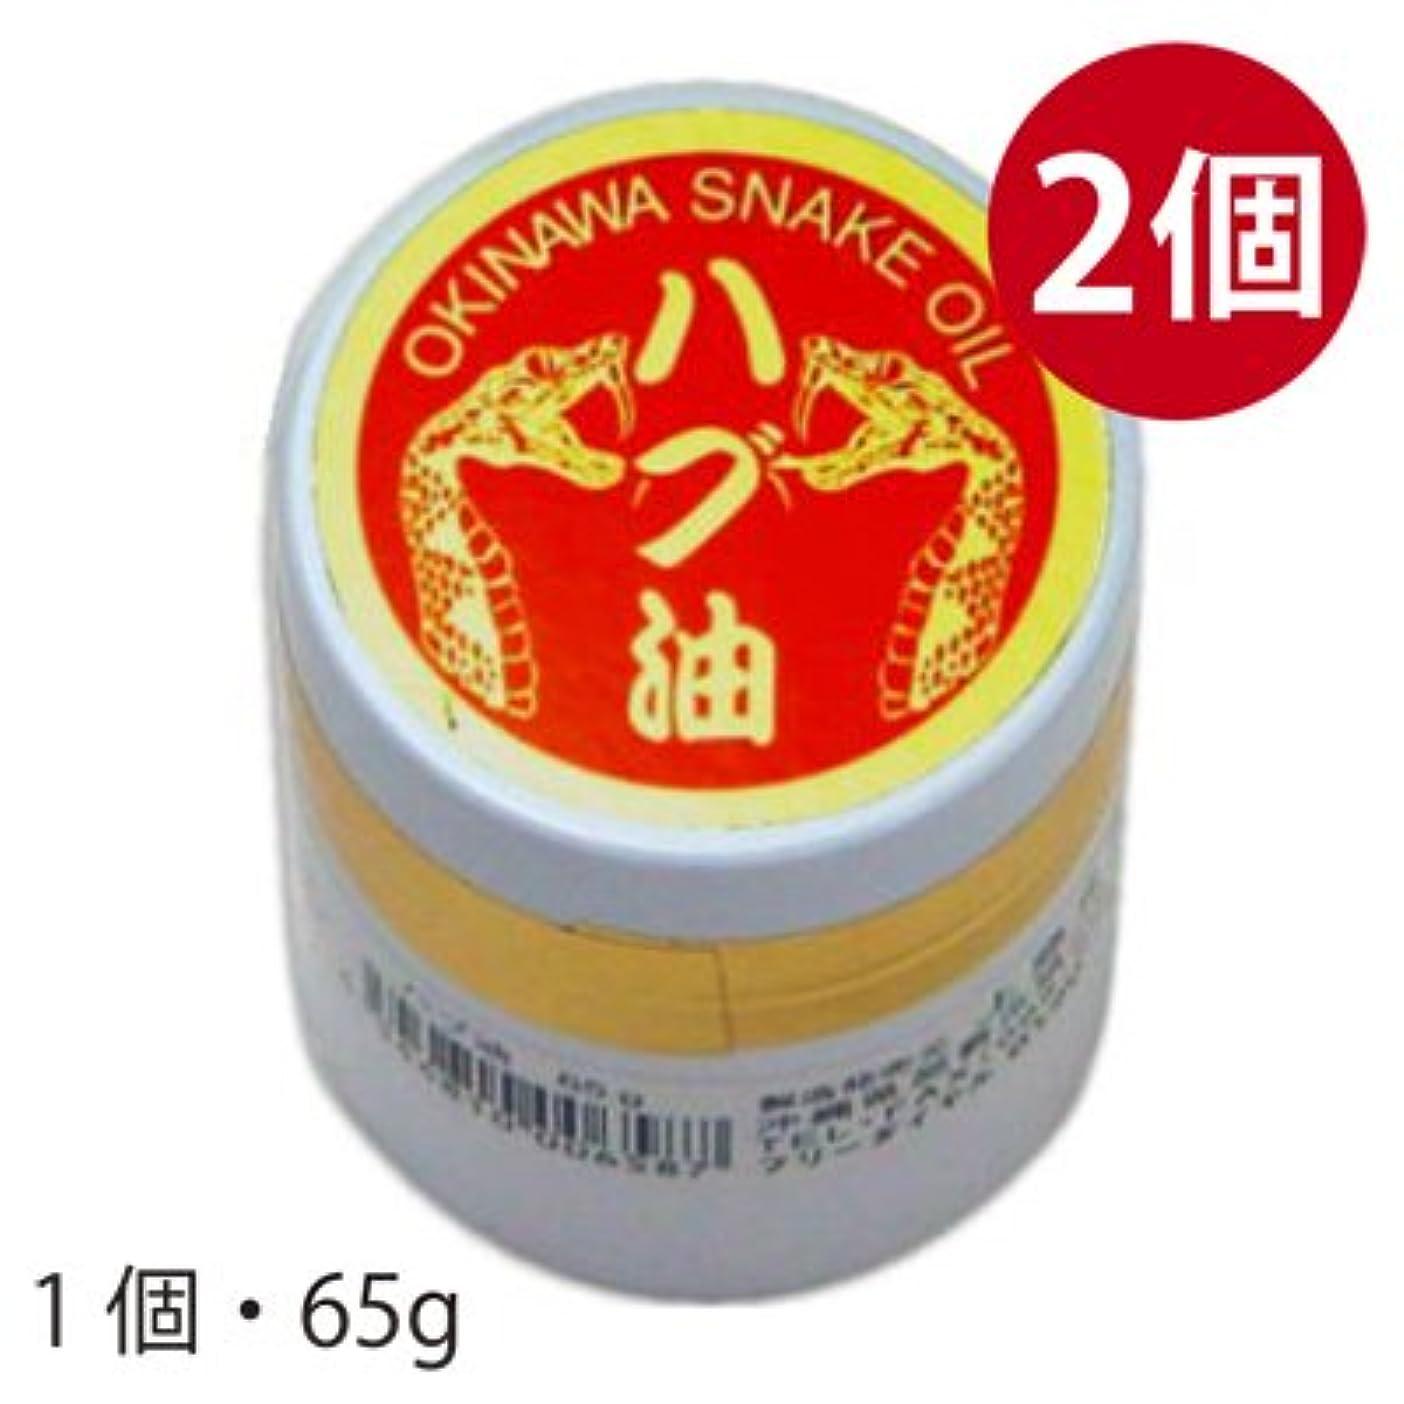 支給深い胆嚢沖縄県産 ハブ油軟膏タイプ 65g×2個